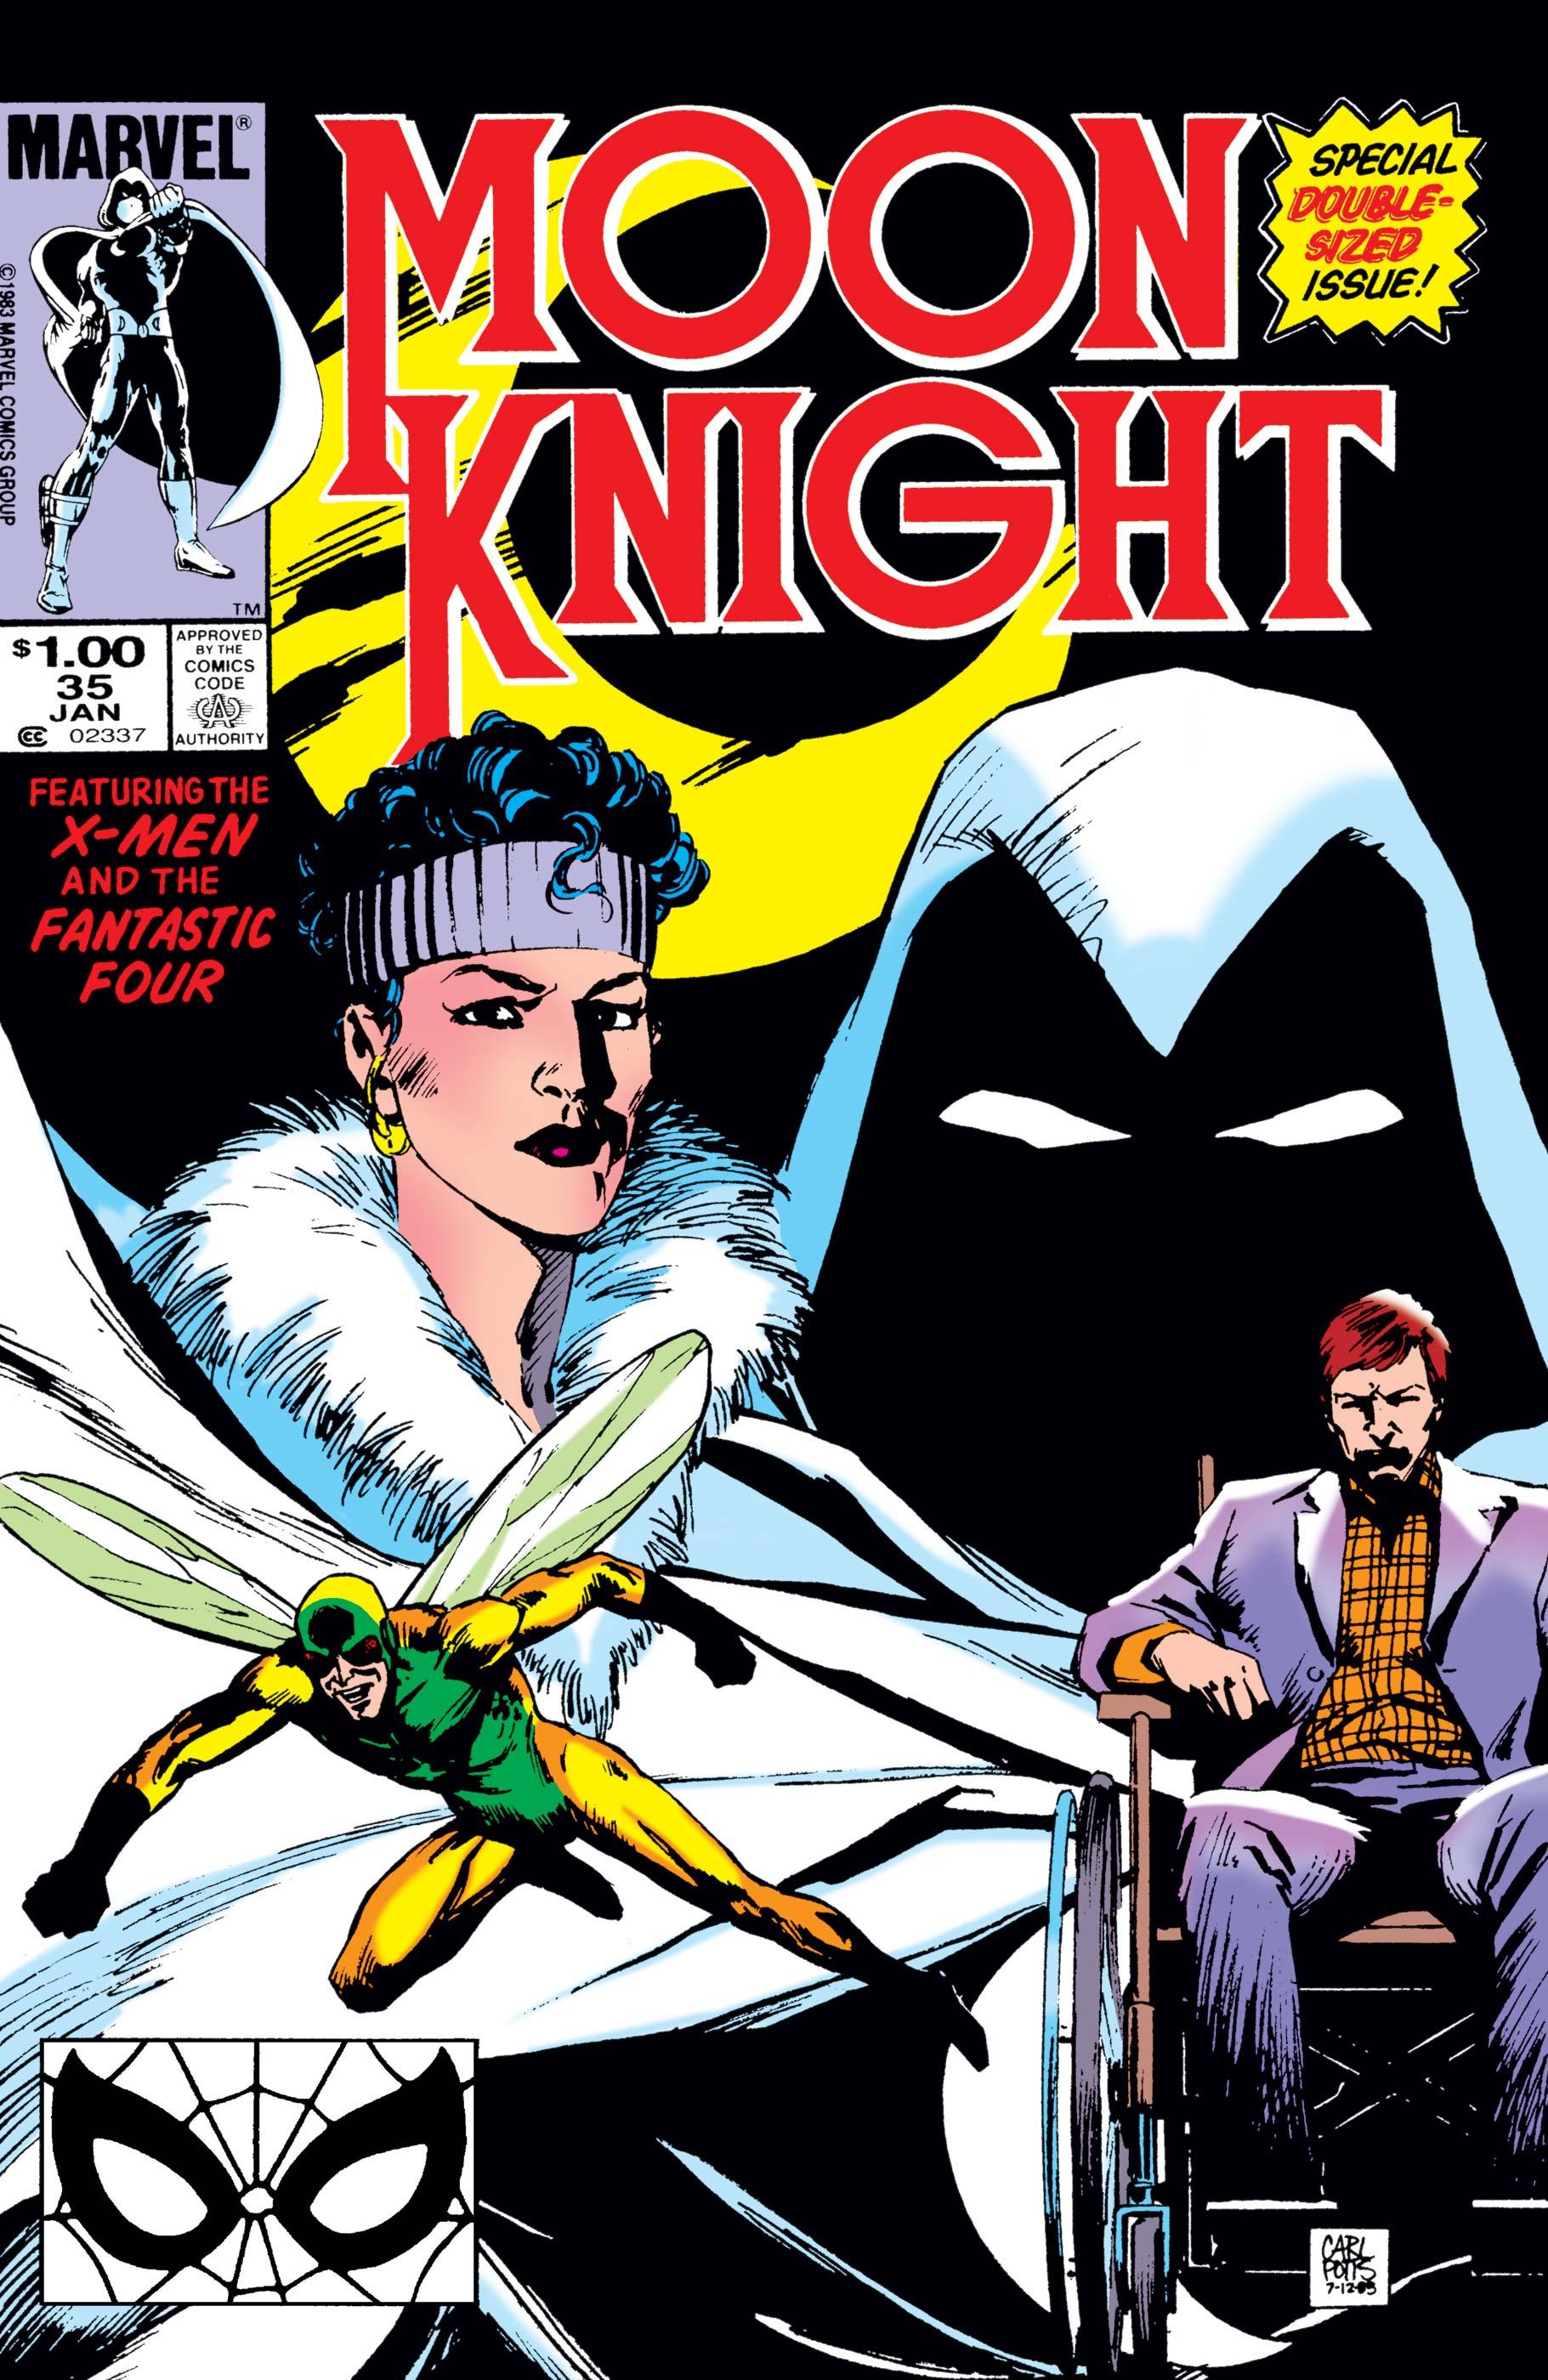 Moon Knight (1980) #35